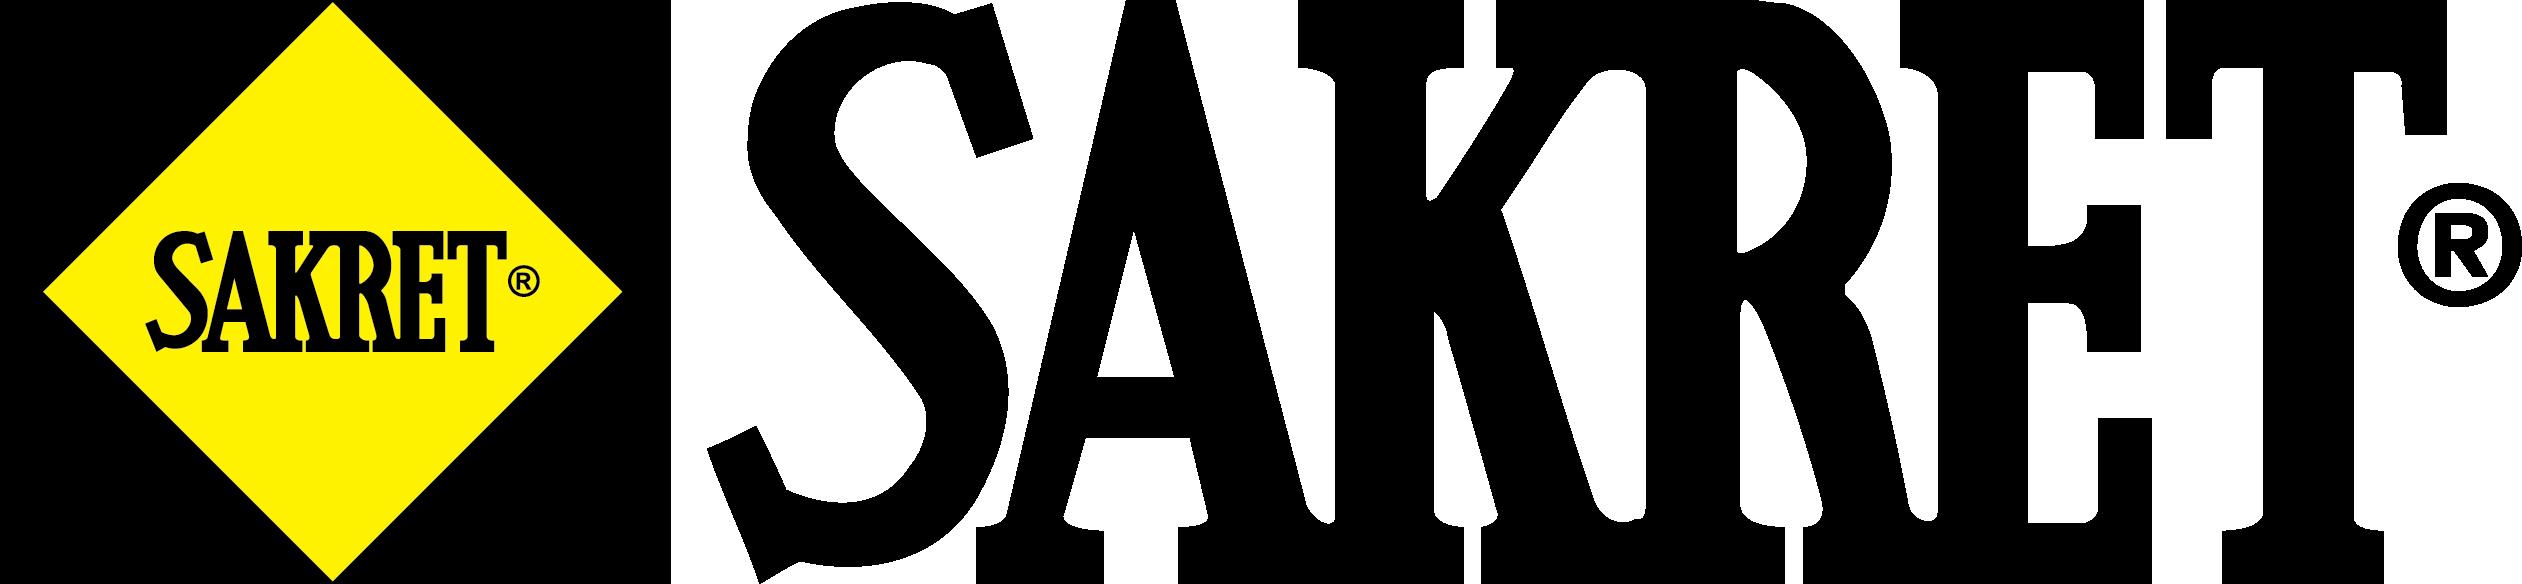 sakret logo